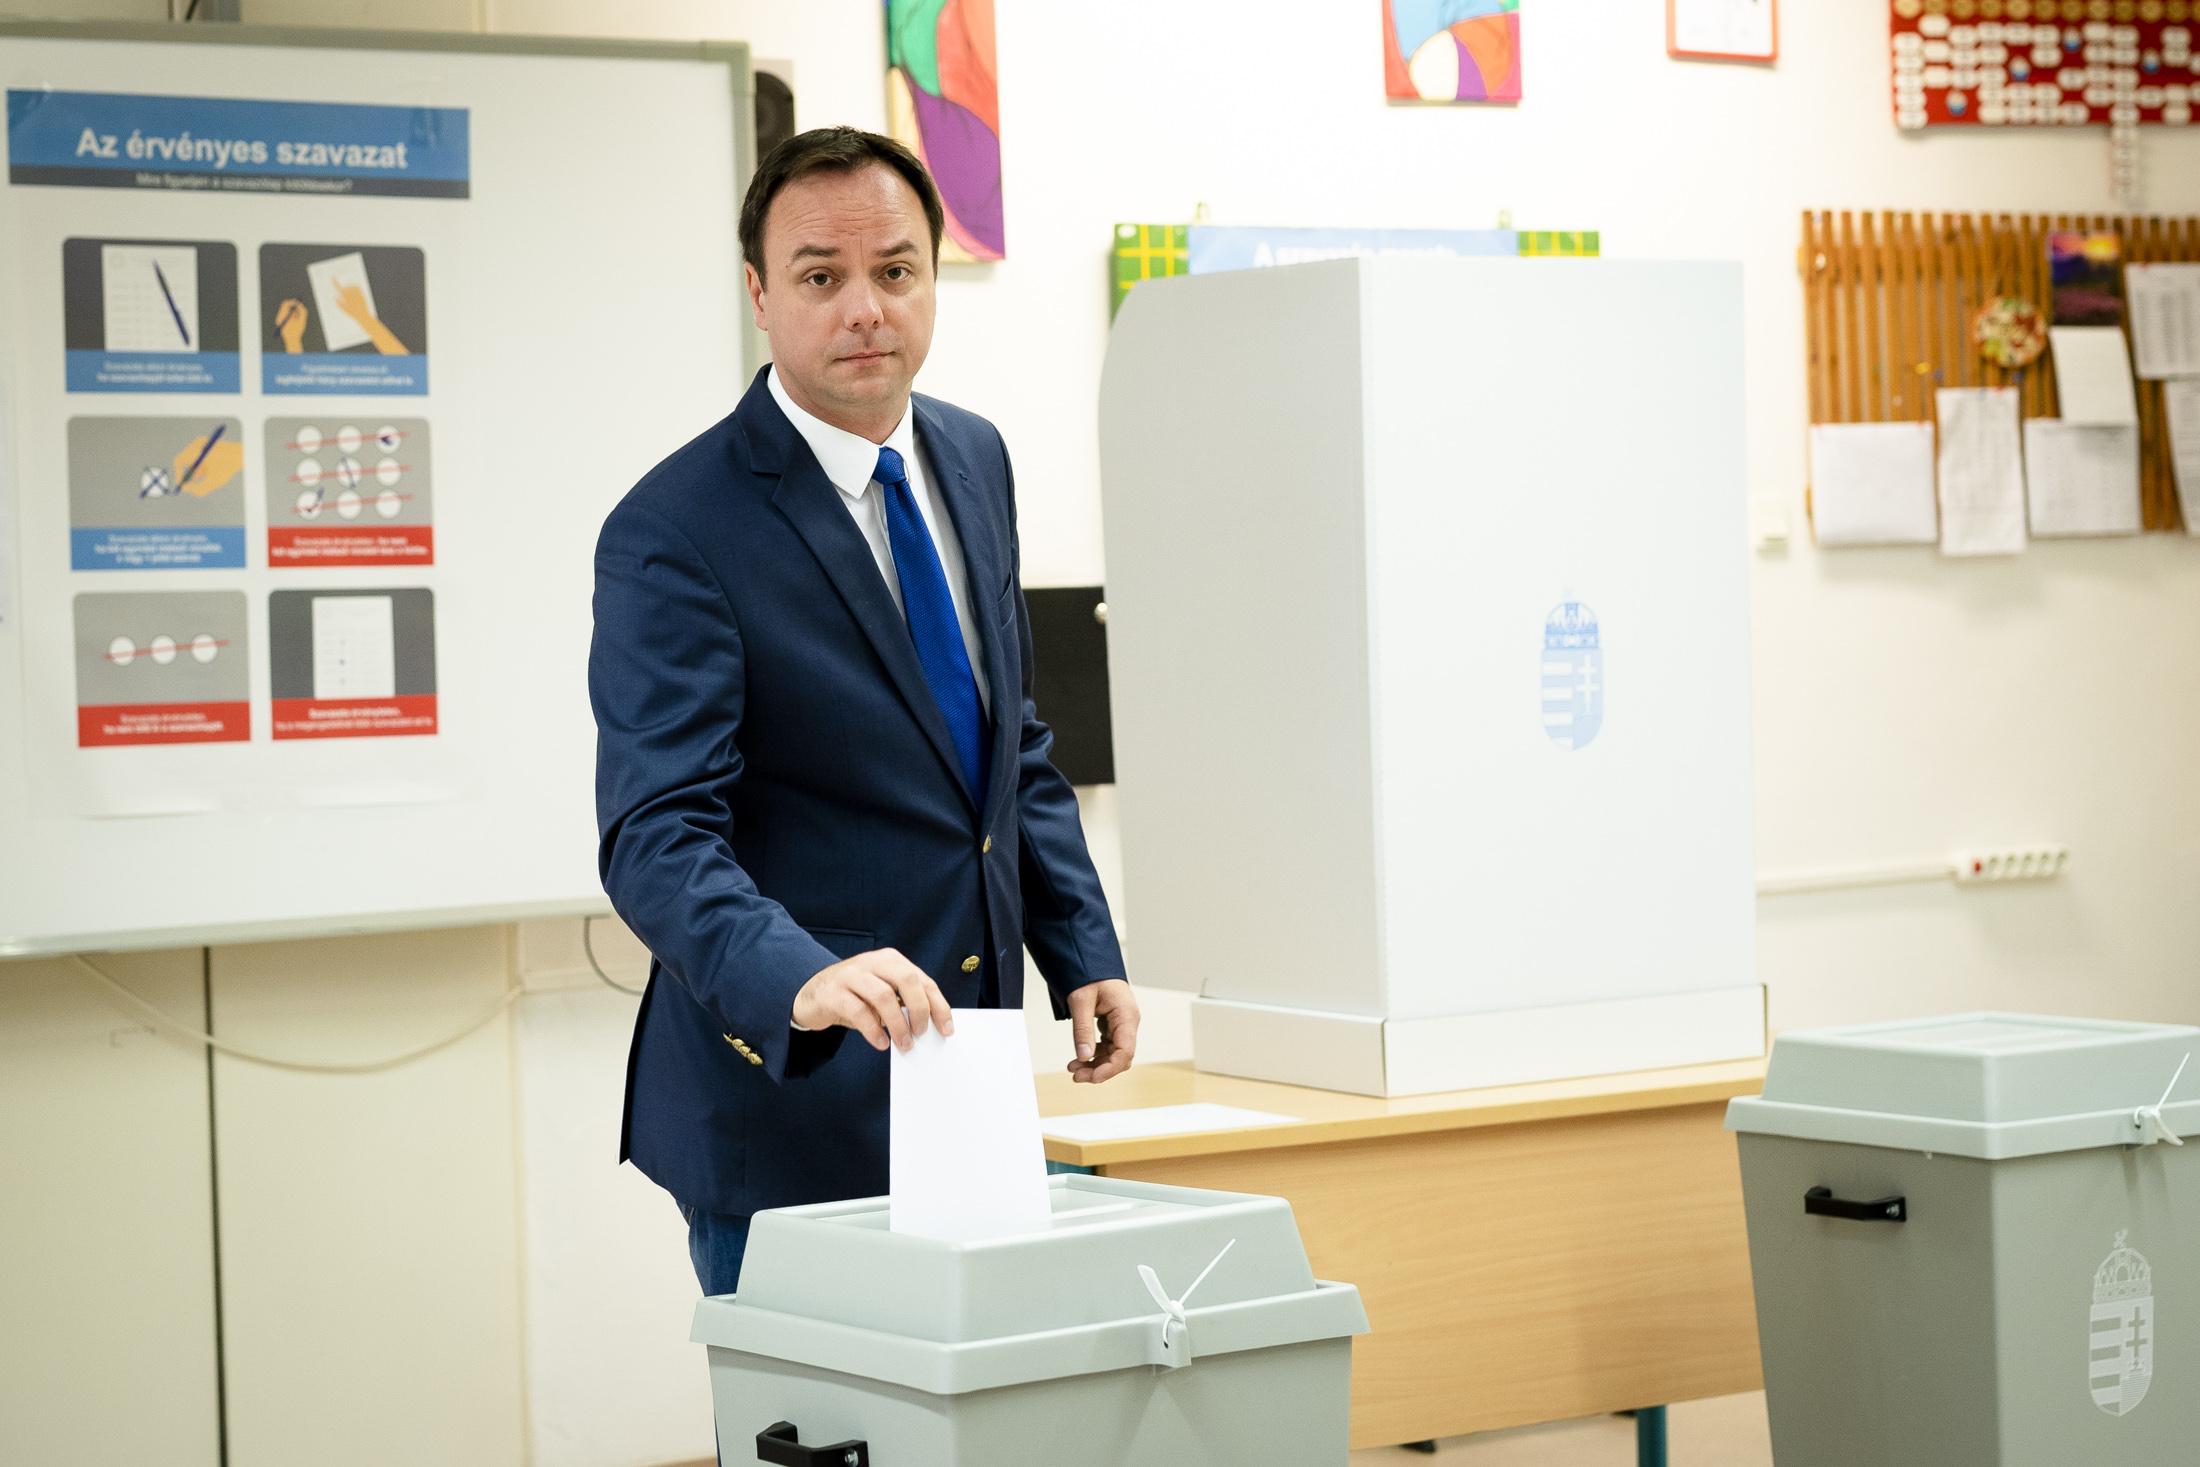 Szavazzunk Habis Lászlóra és a Fidesz megyei listájára!